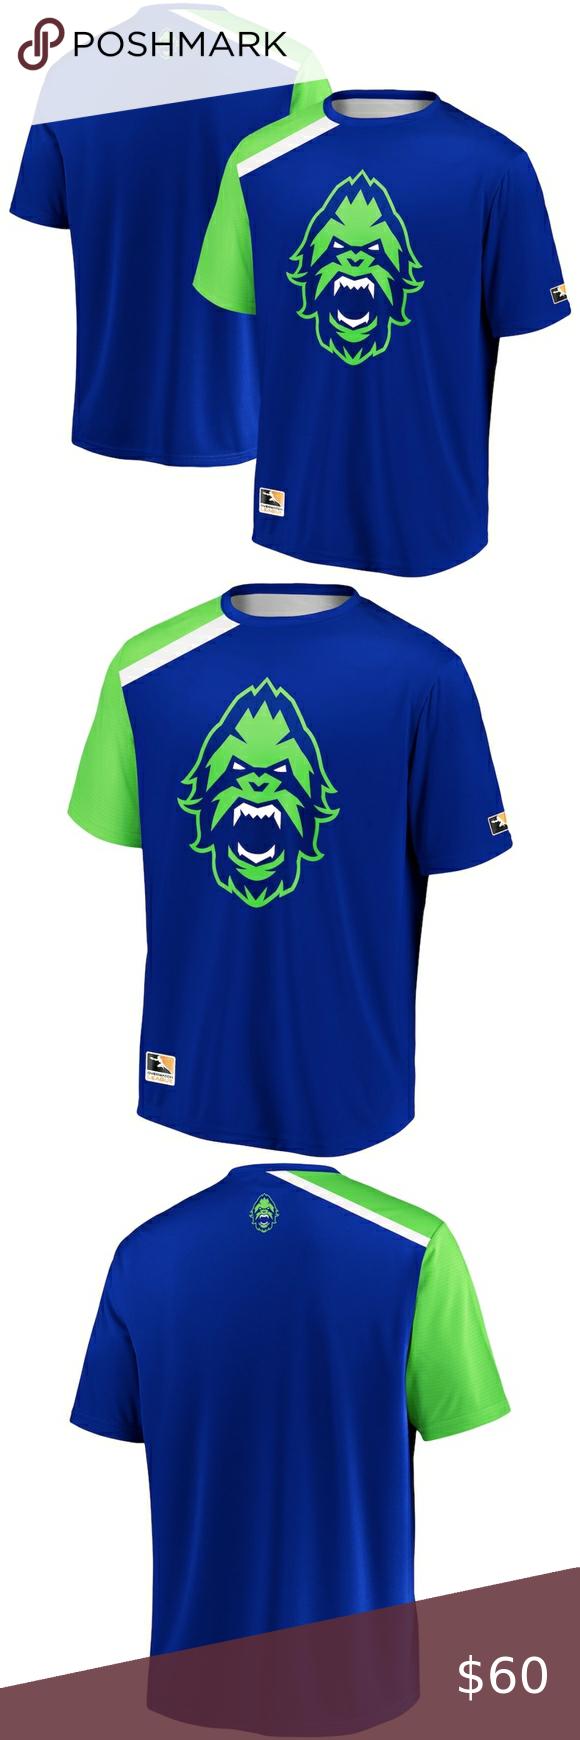 Vancouver Titans Men/'s Overwatch League Blizzard Logo T-Shirt New